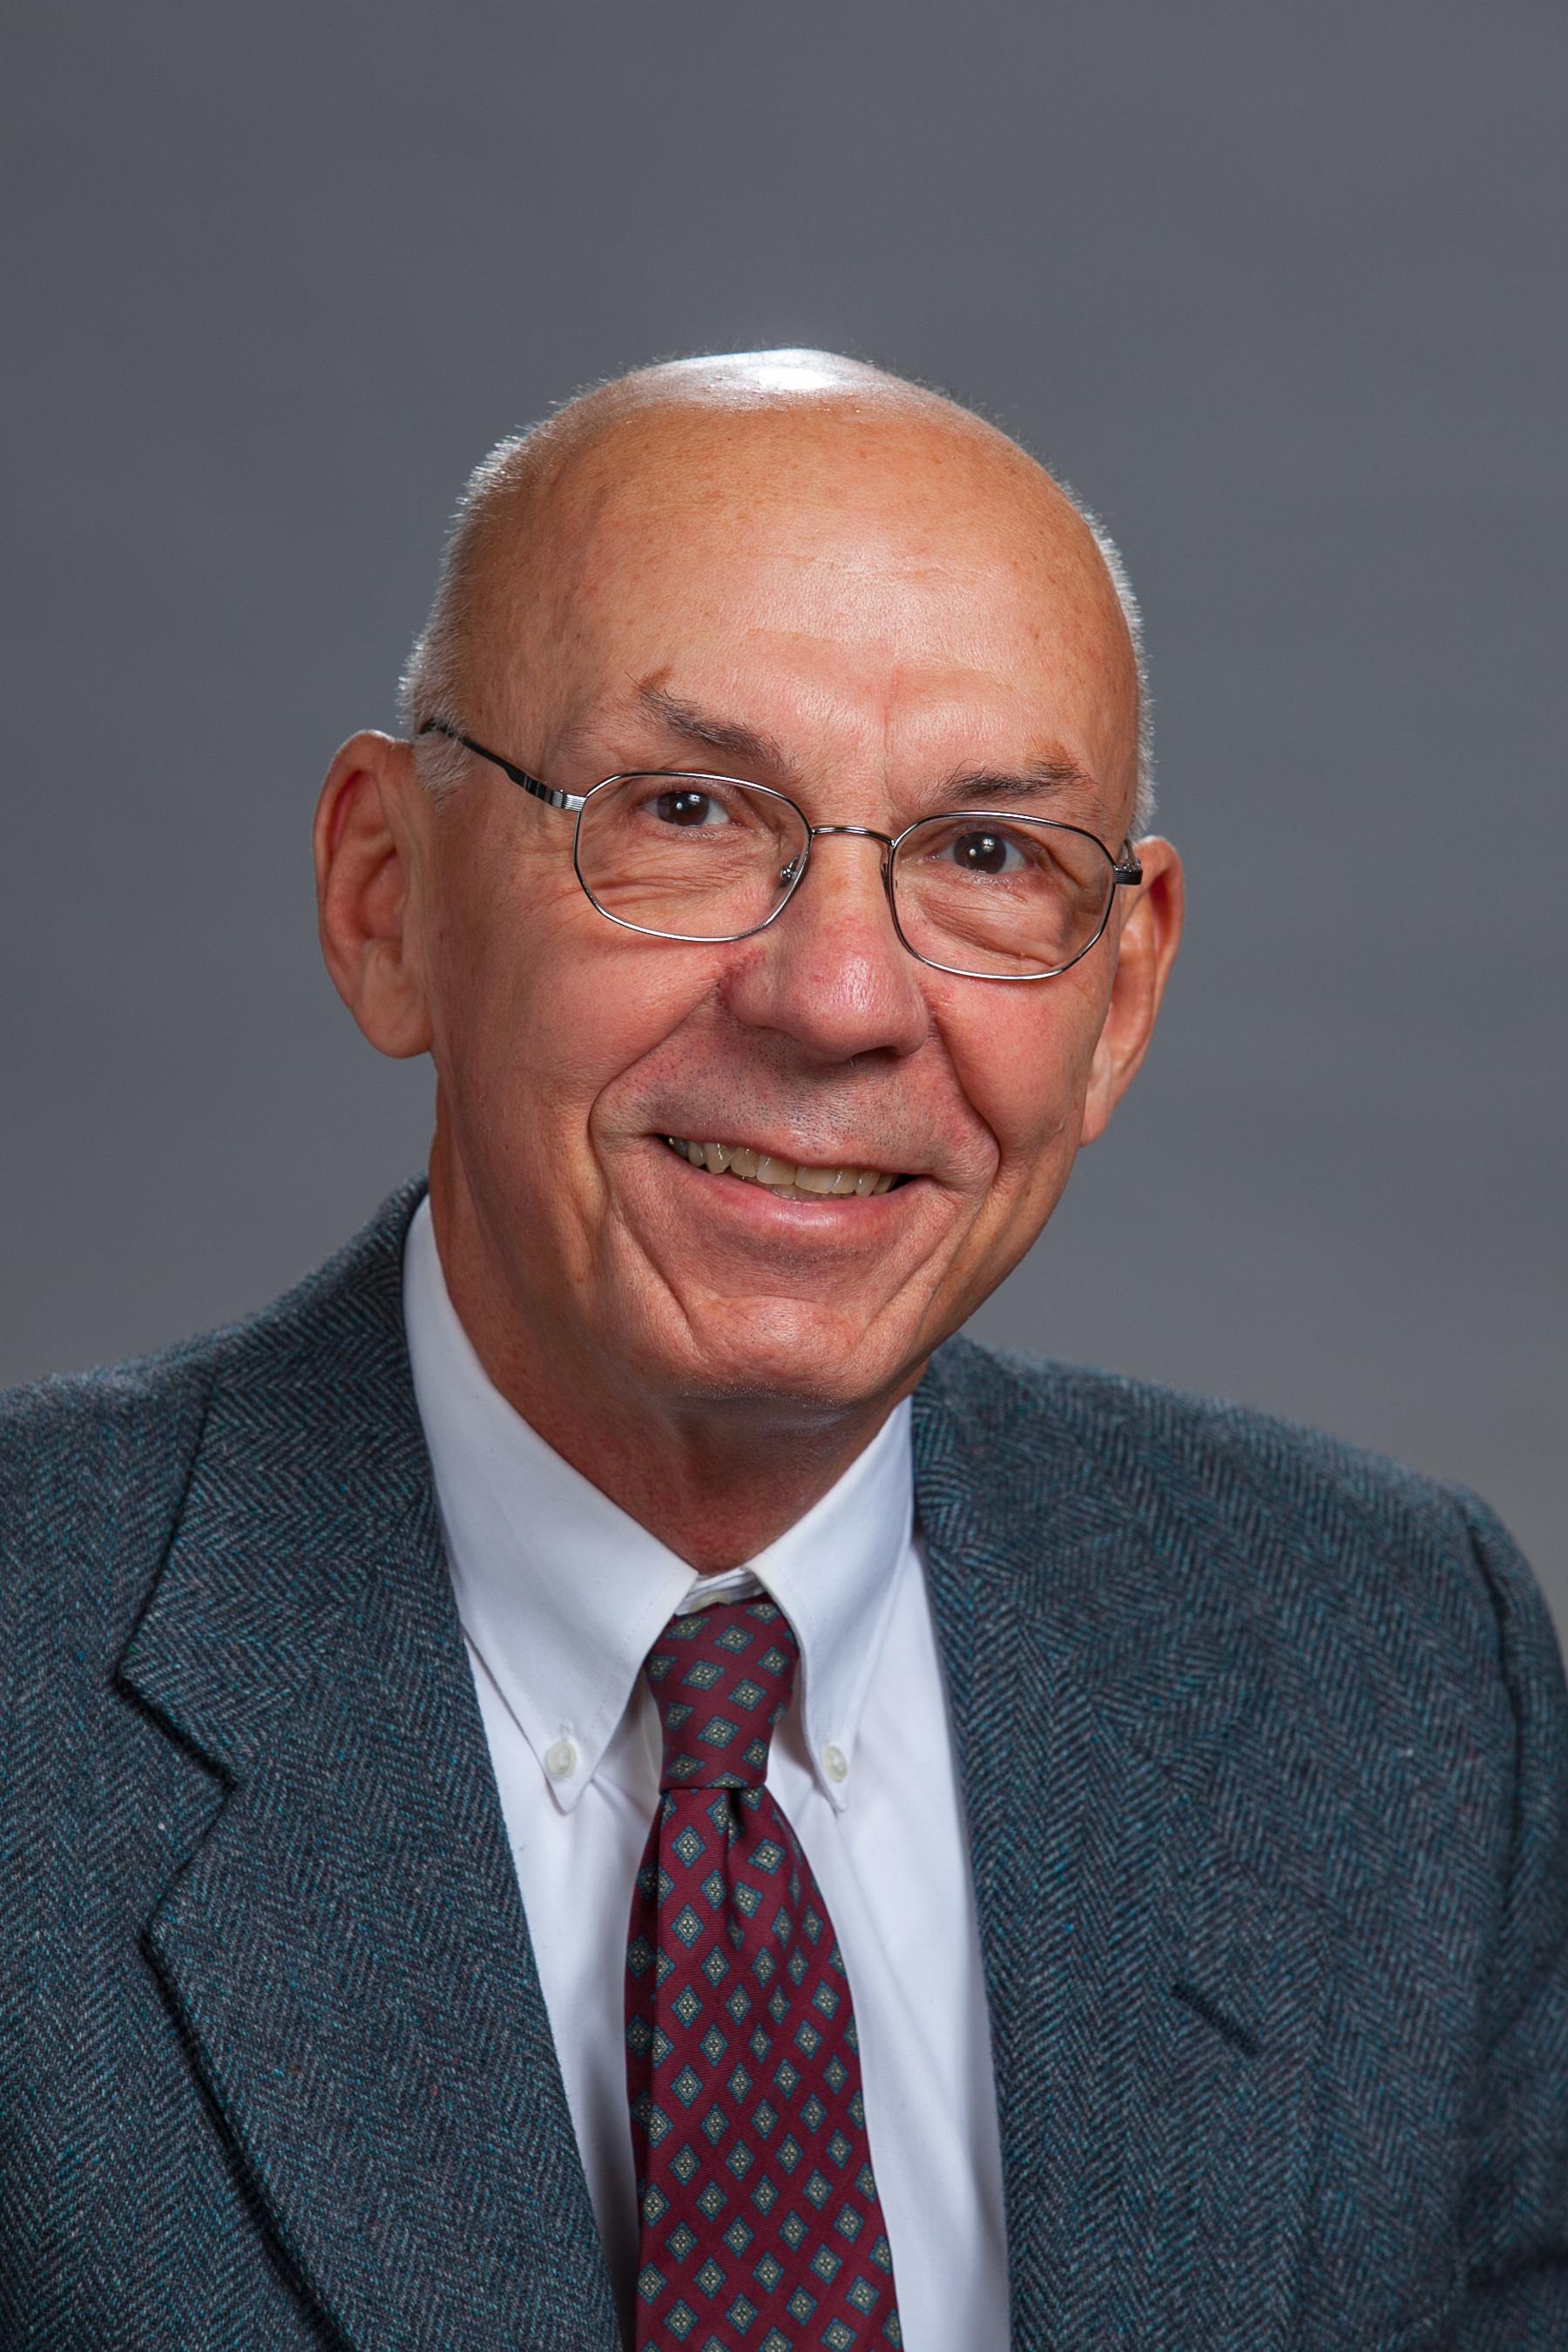 John Maietta